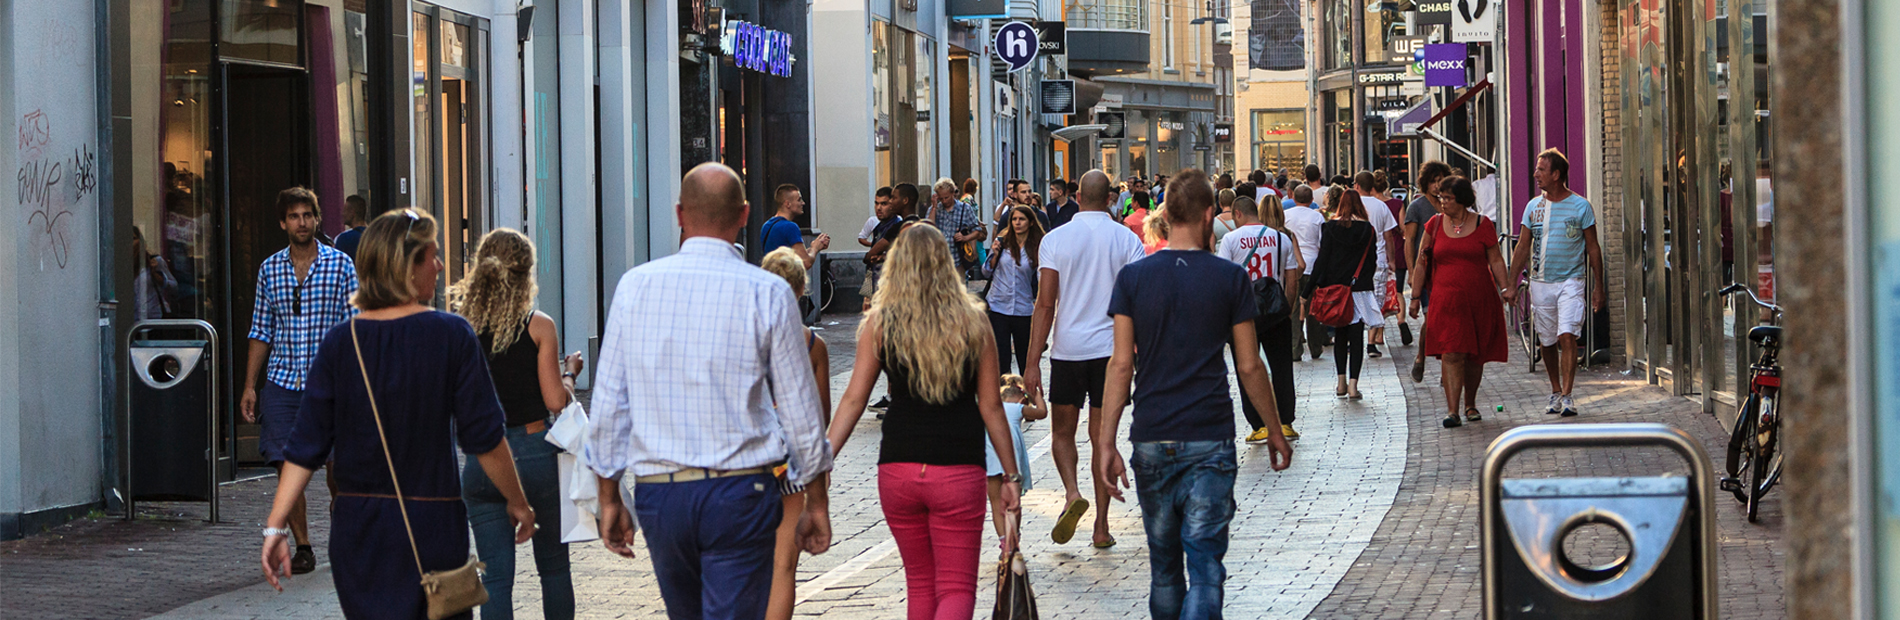 Winkelen In De Hotspot Van Arnhem De 7straatjes